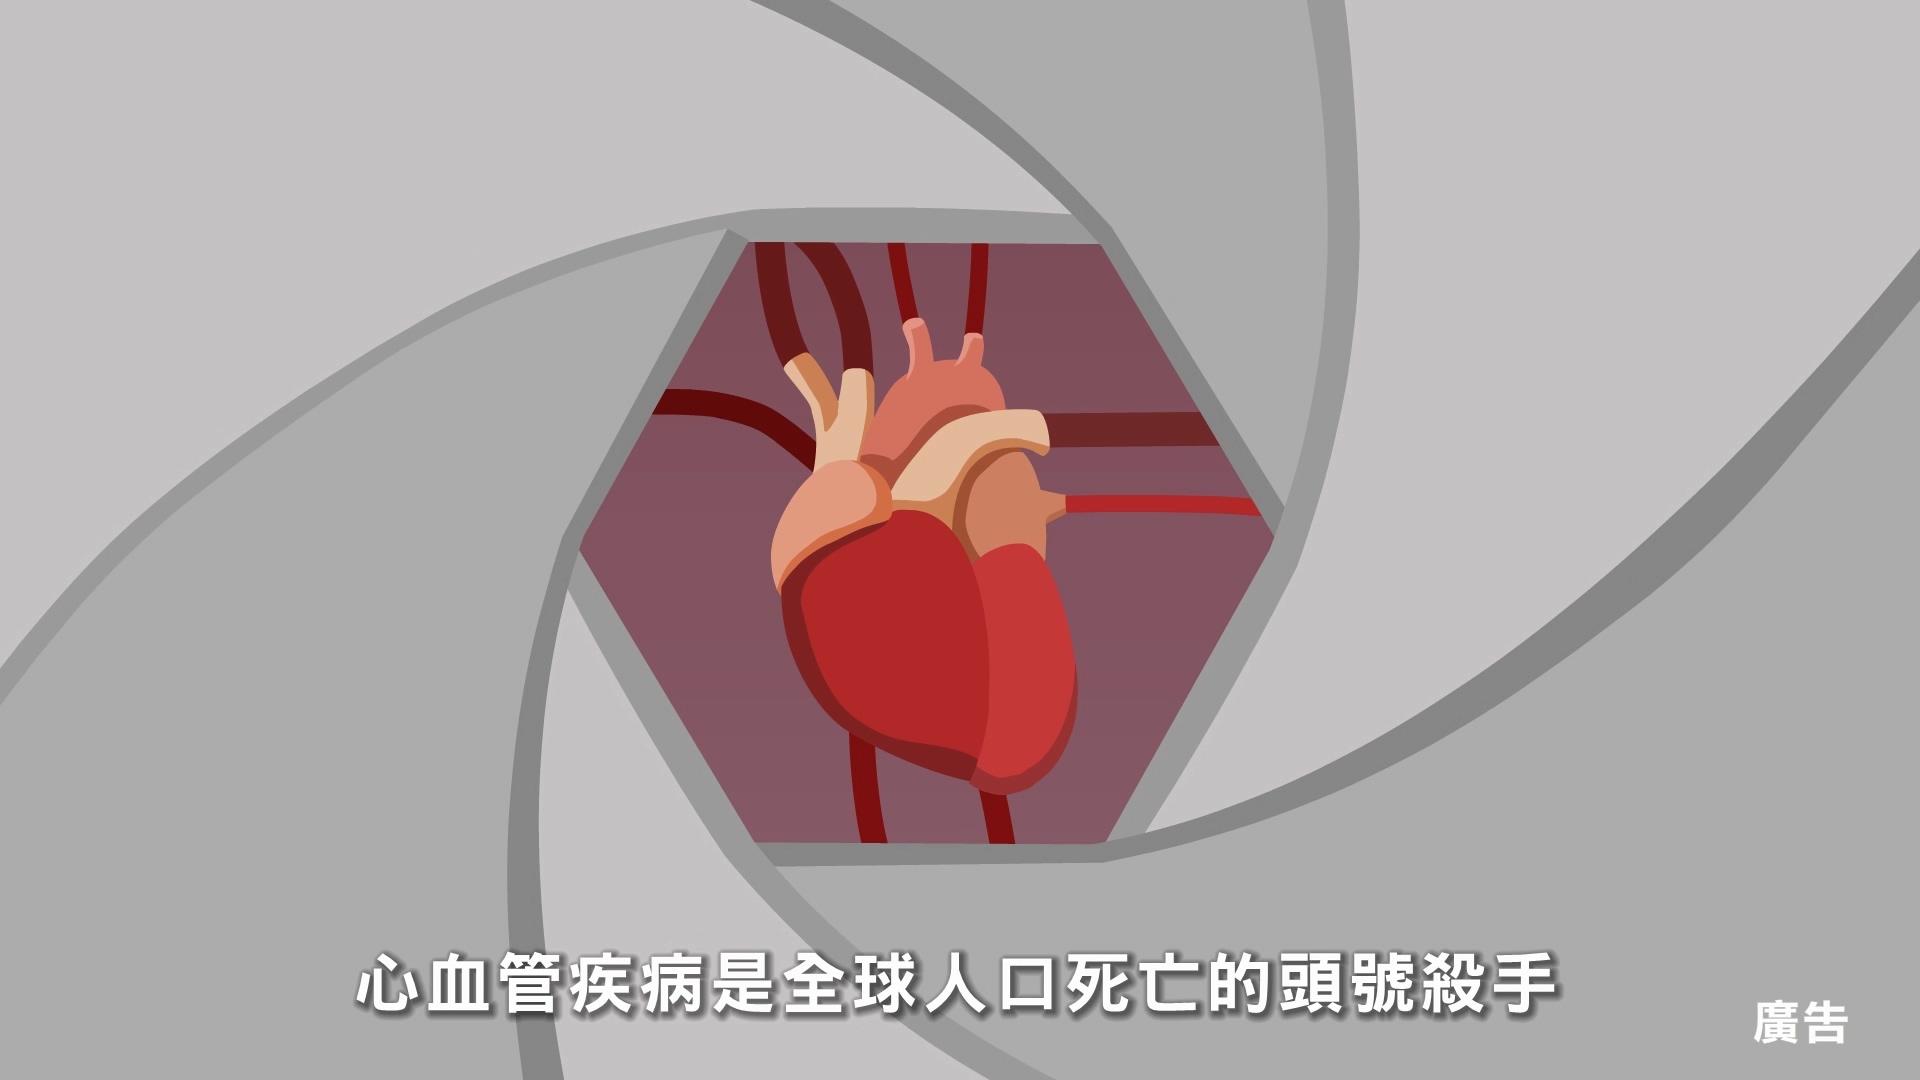 預防心血管疾病 危險因子篇 30秒短片 (國語版)